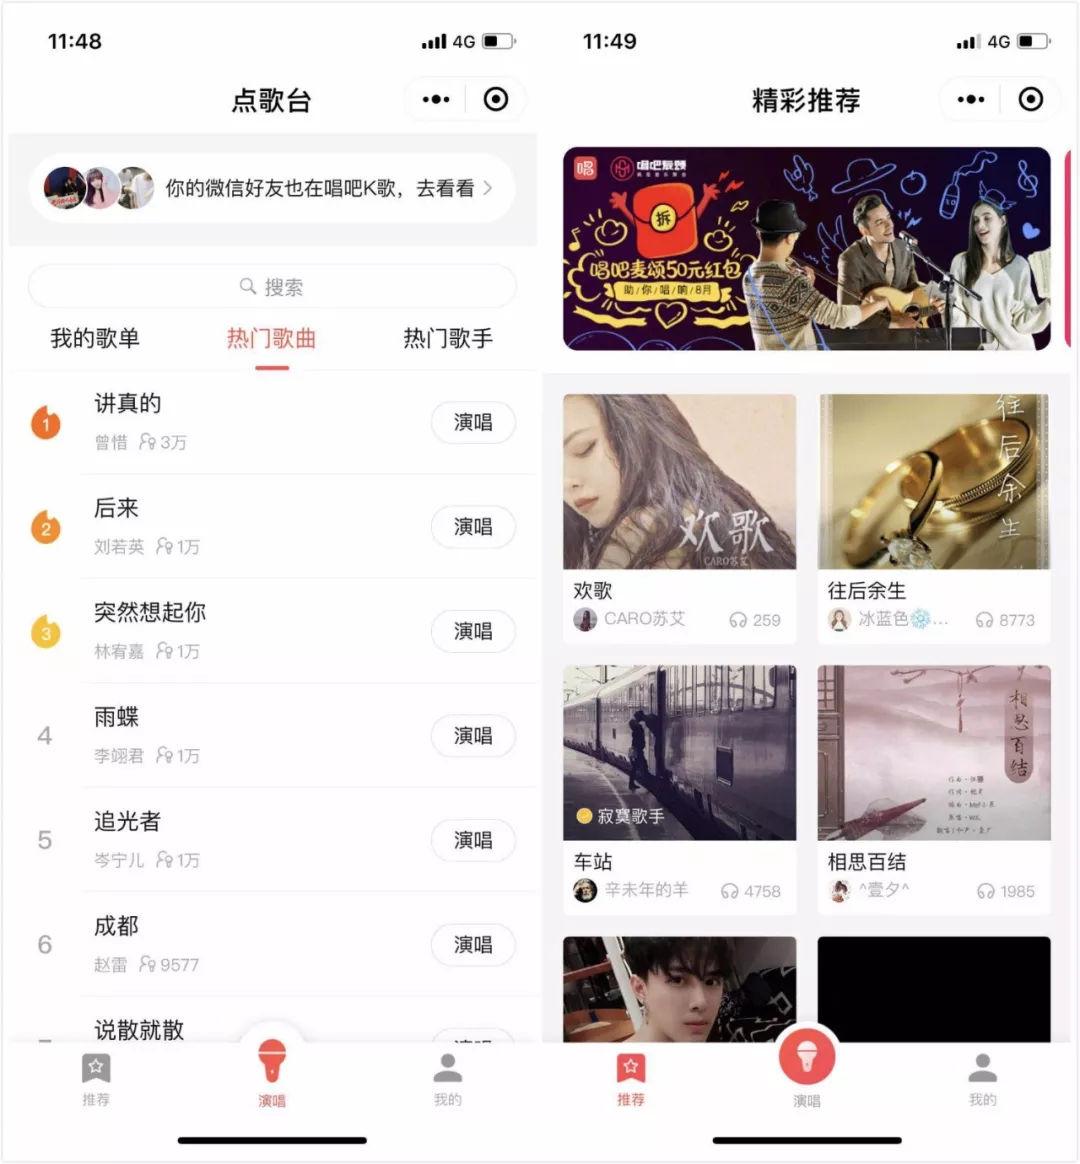 唱吧CEO陈华:每个App都应该小程序化,这是一次重来的机会